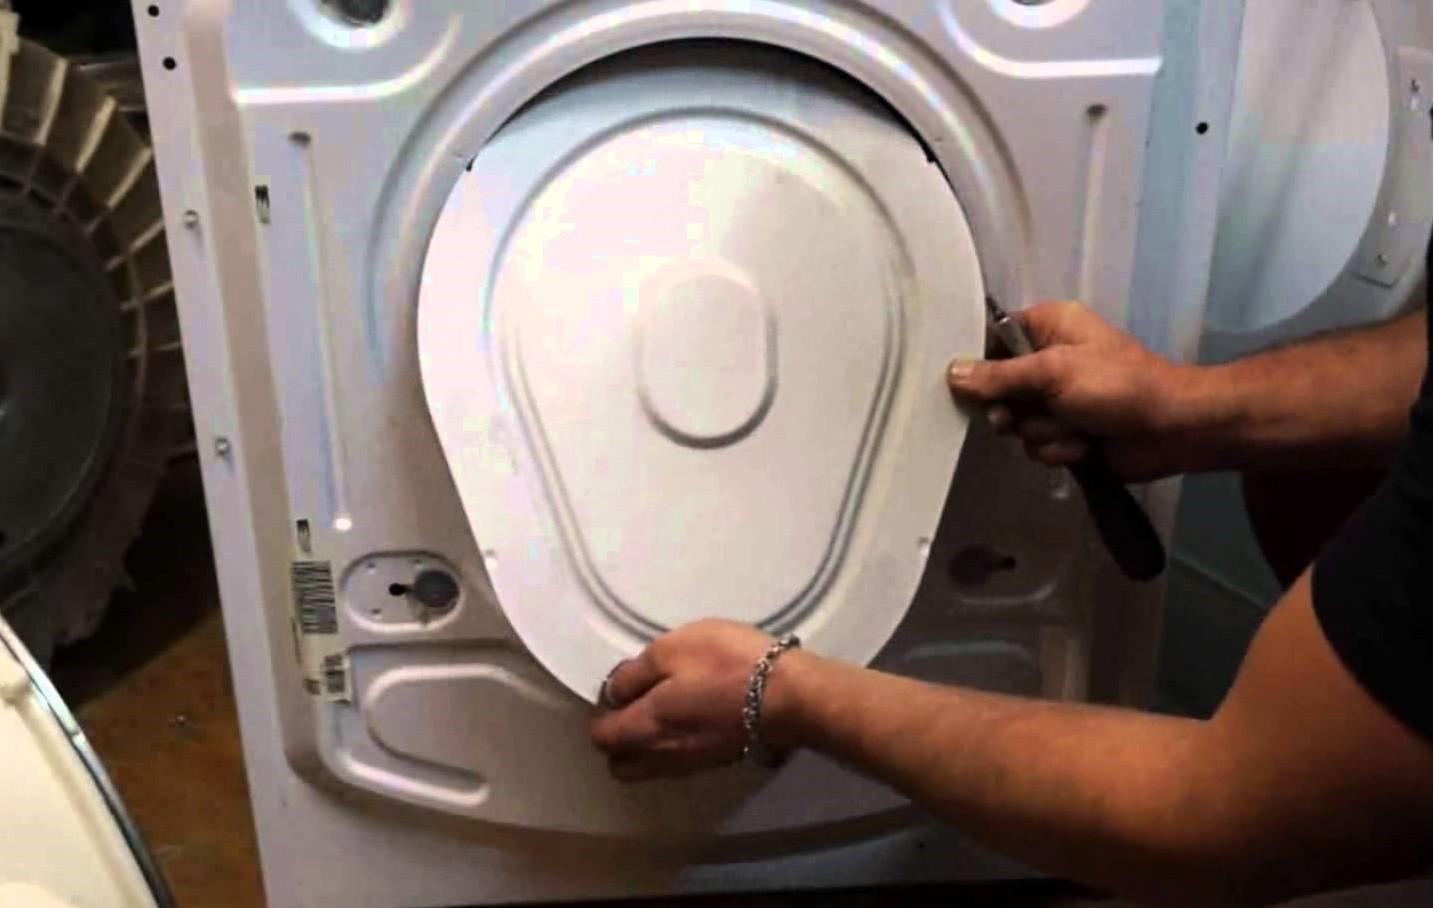 הסר את הקיר האחורי של מכונת הכביסה בקאנדי